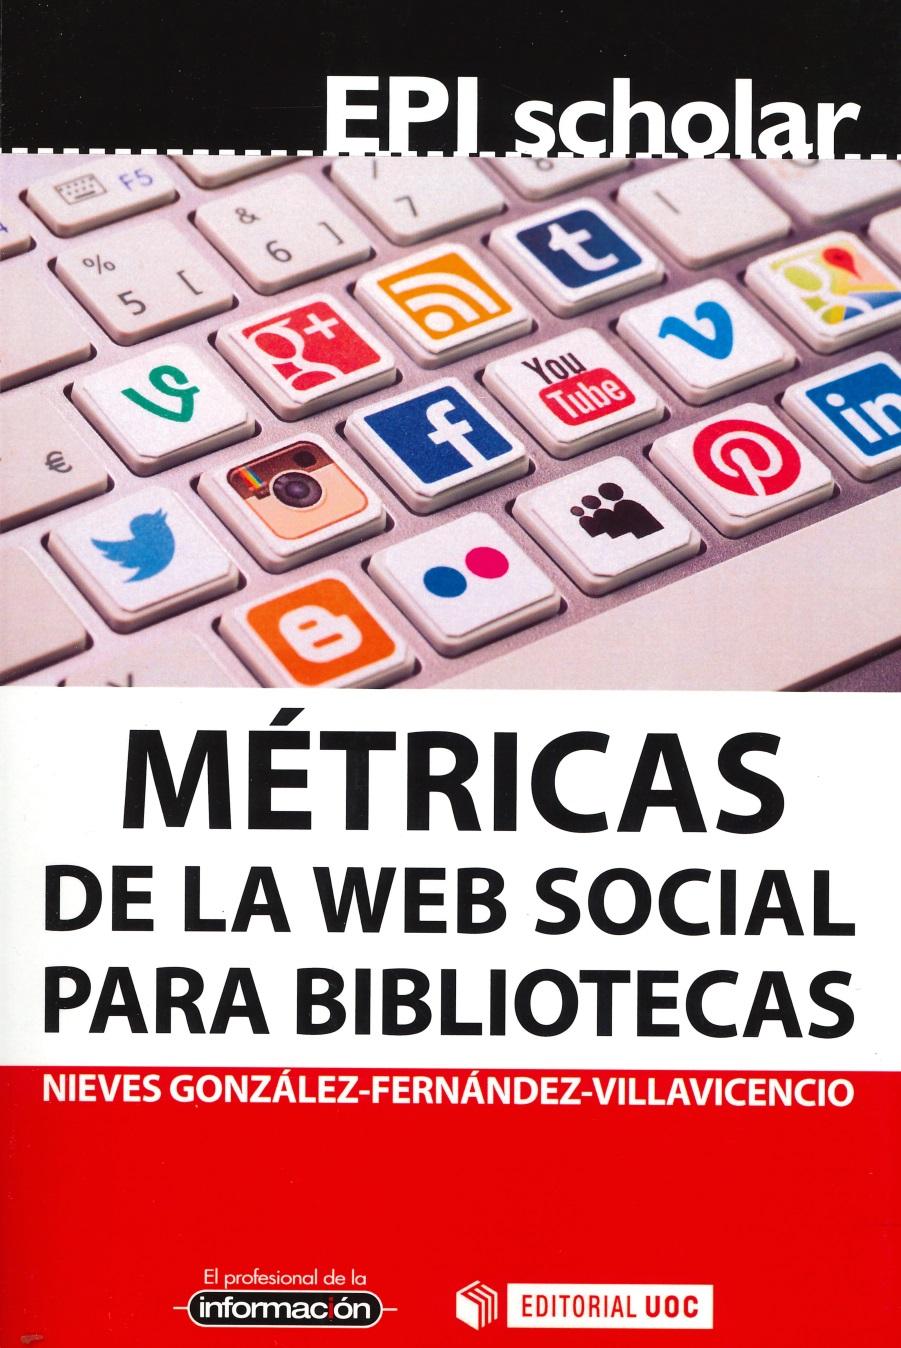 metricas_de_la_web_social.jpg